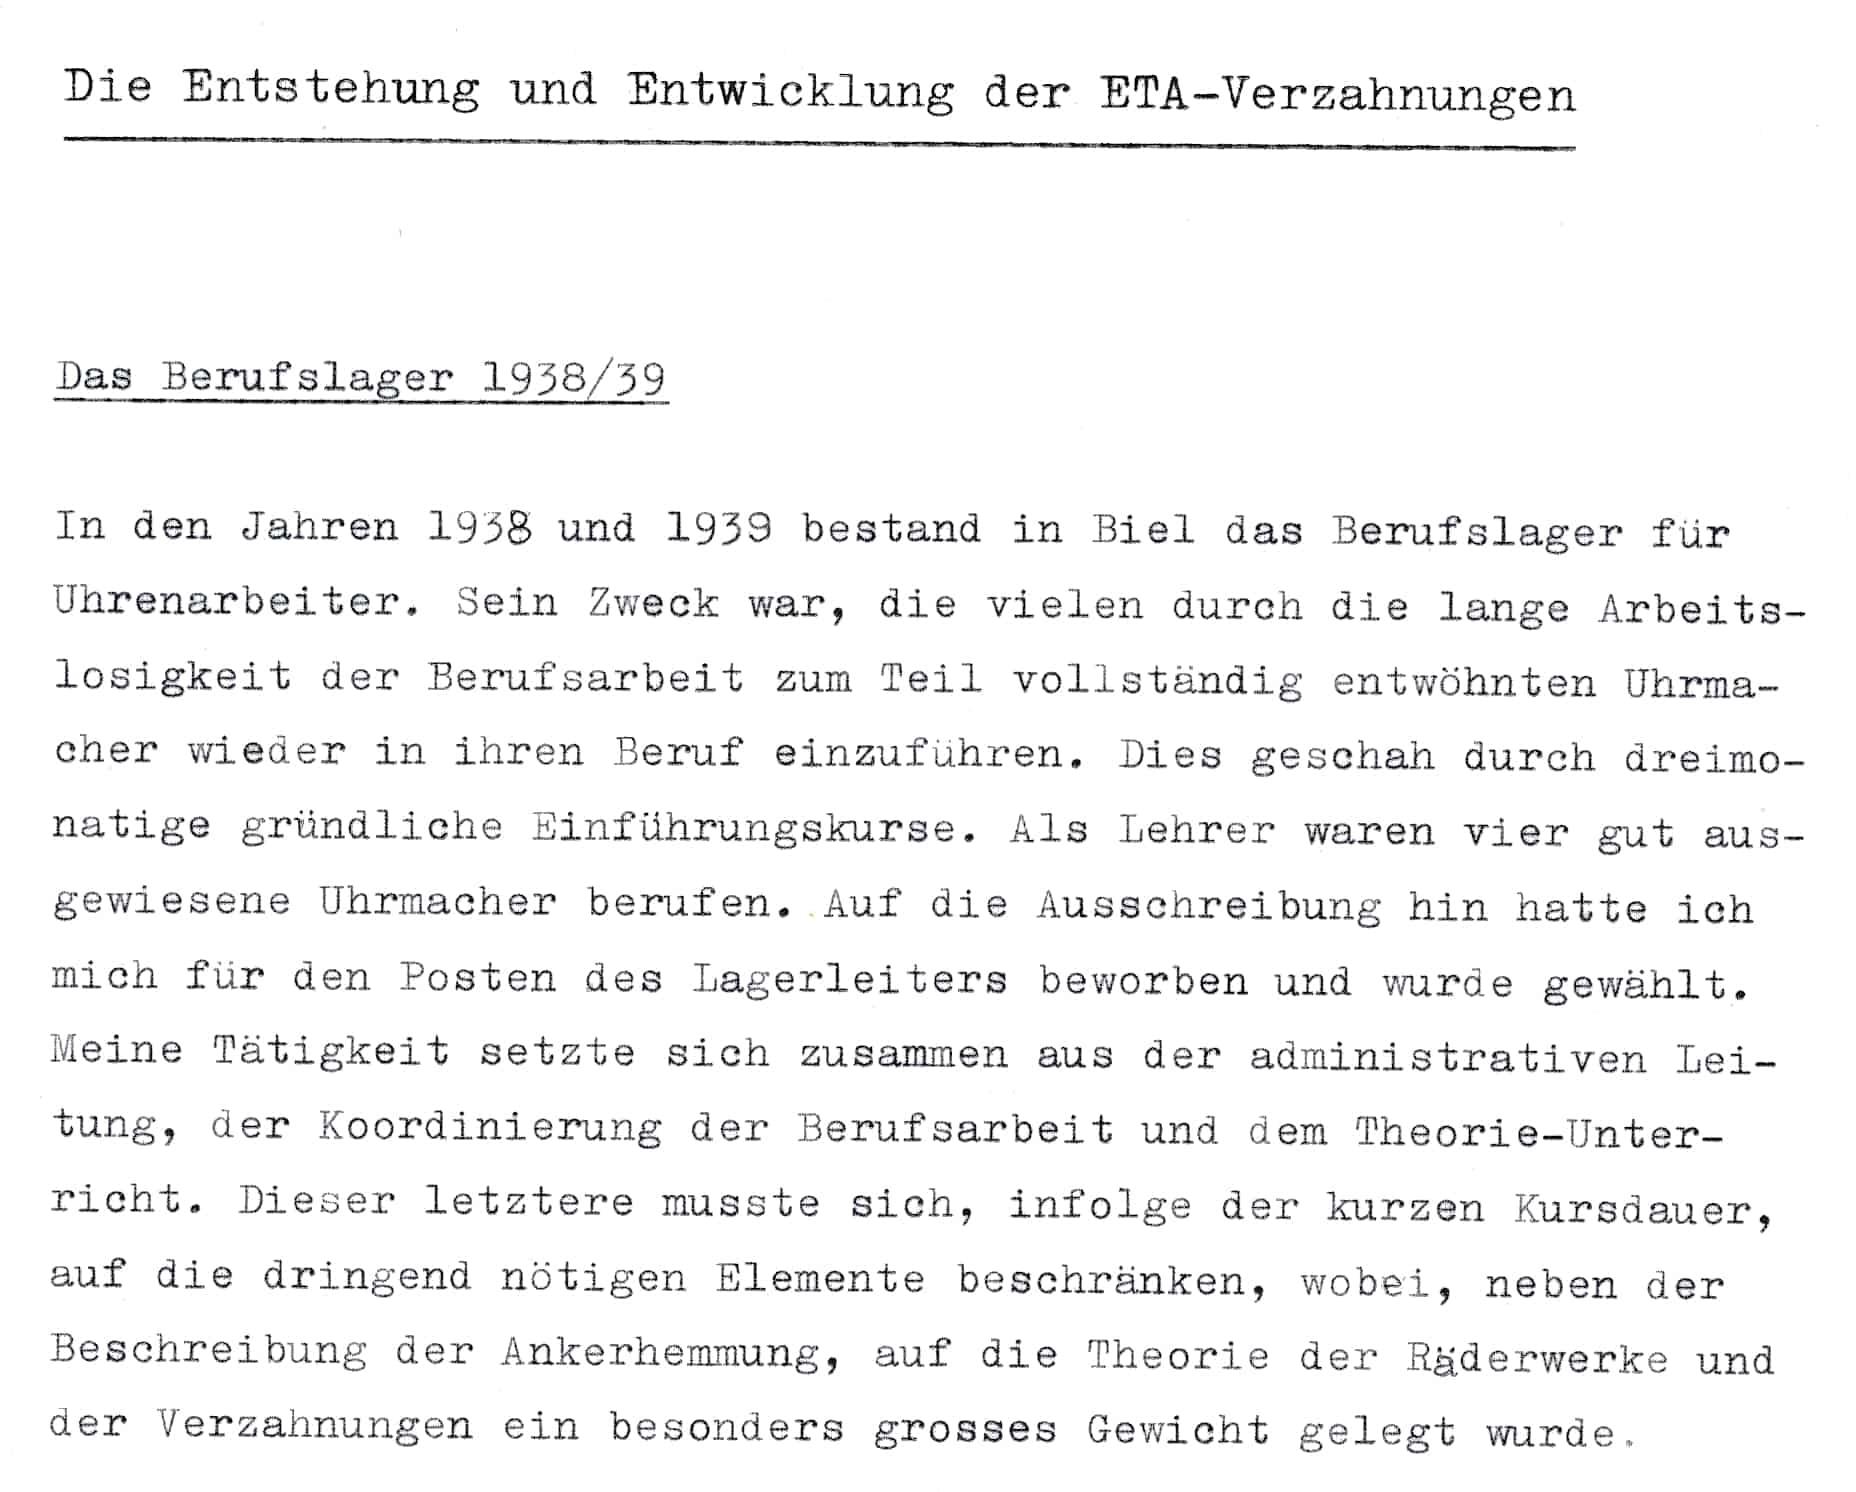 Heinrich Stamm zum Schweizer Berufslager 1938/1939